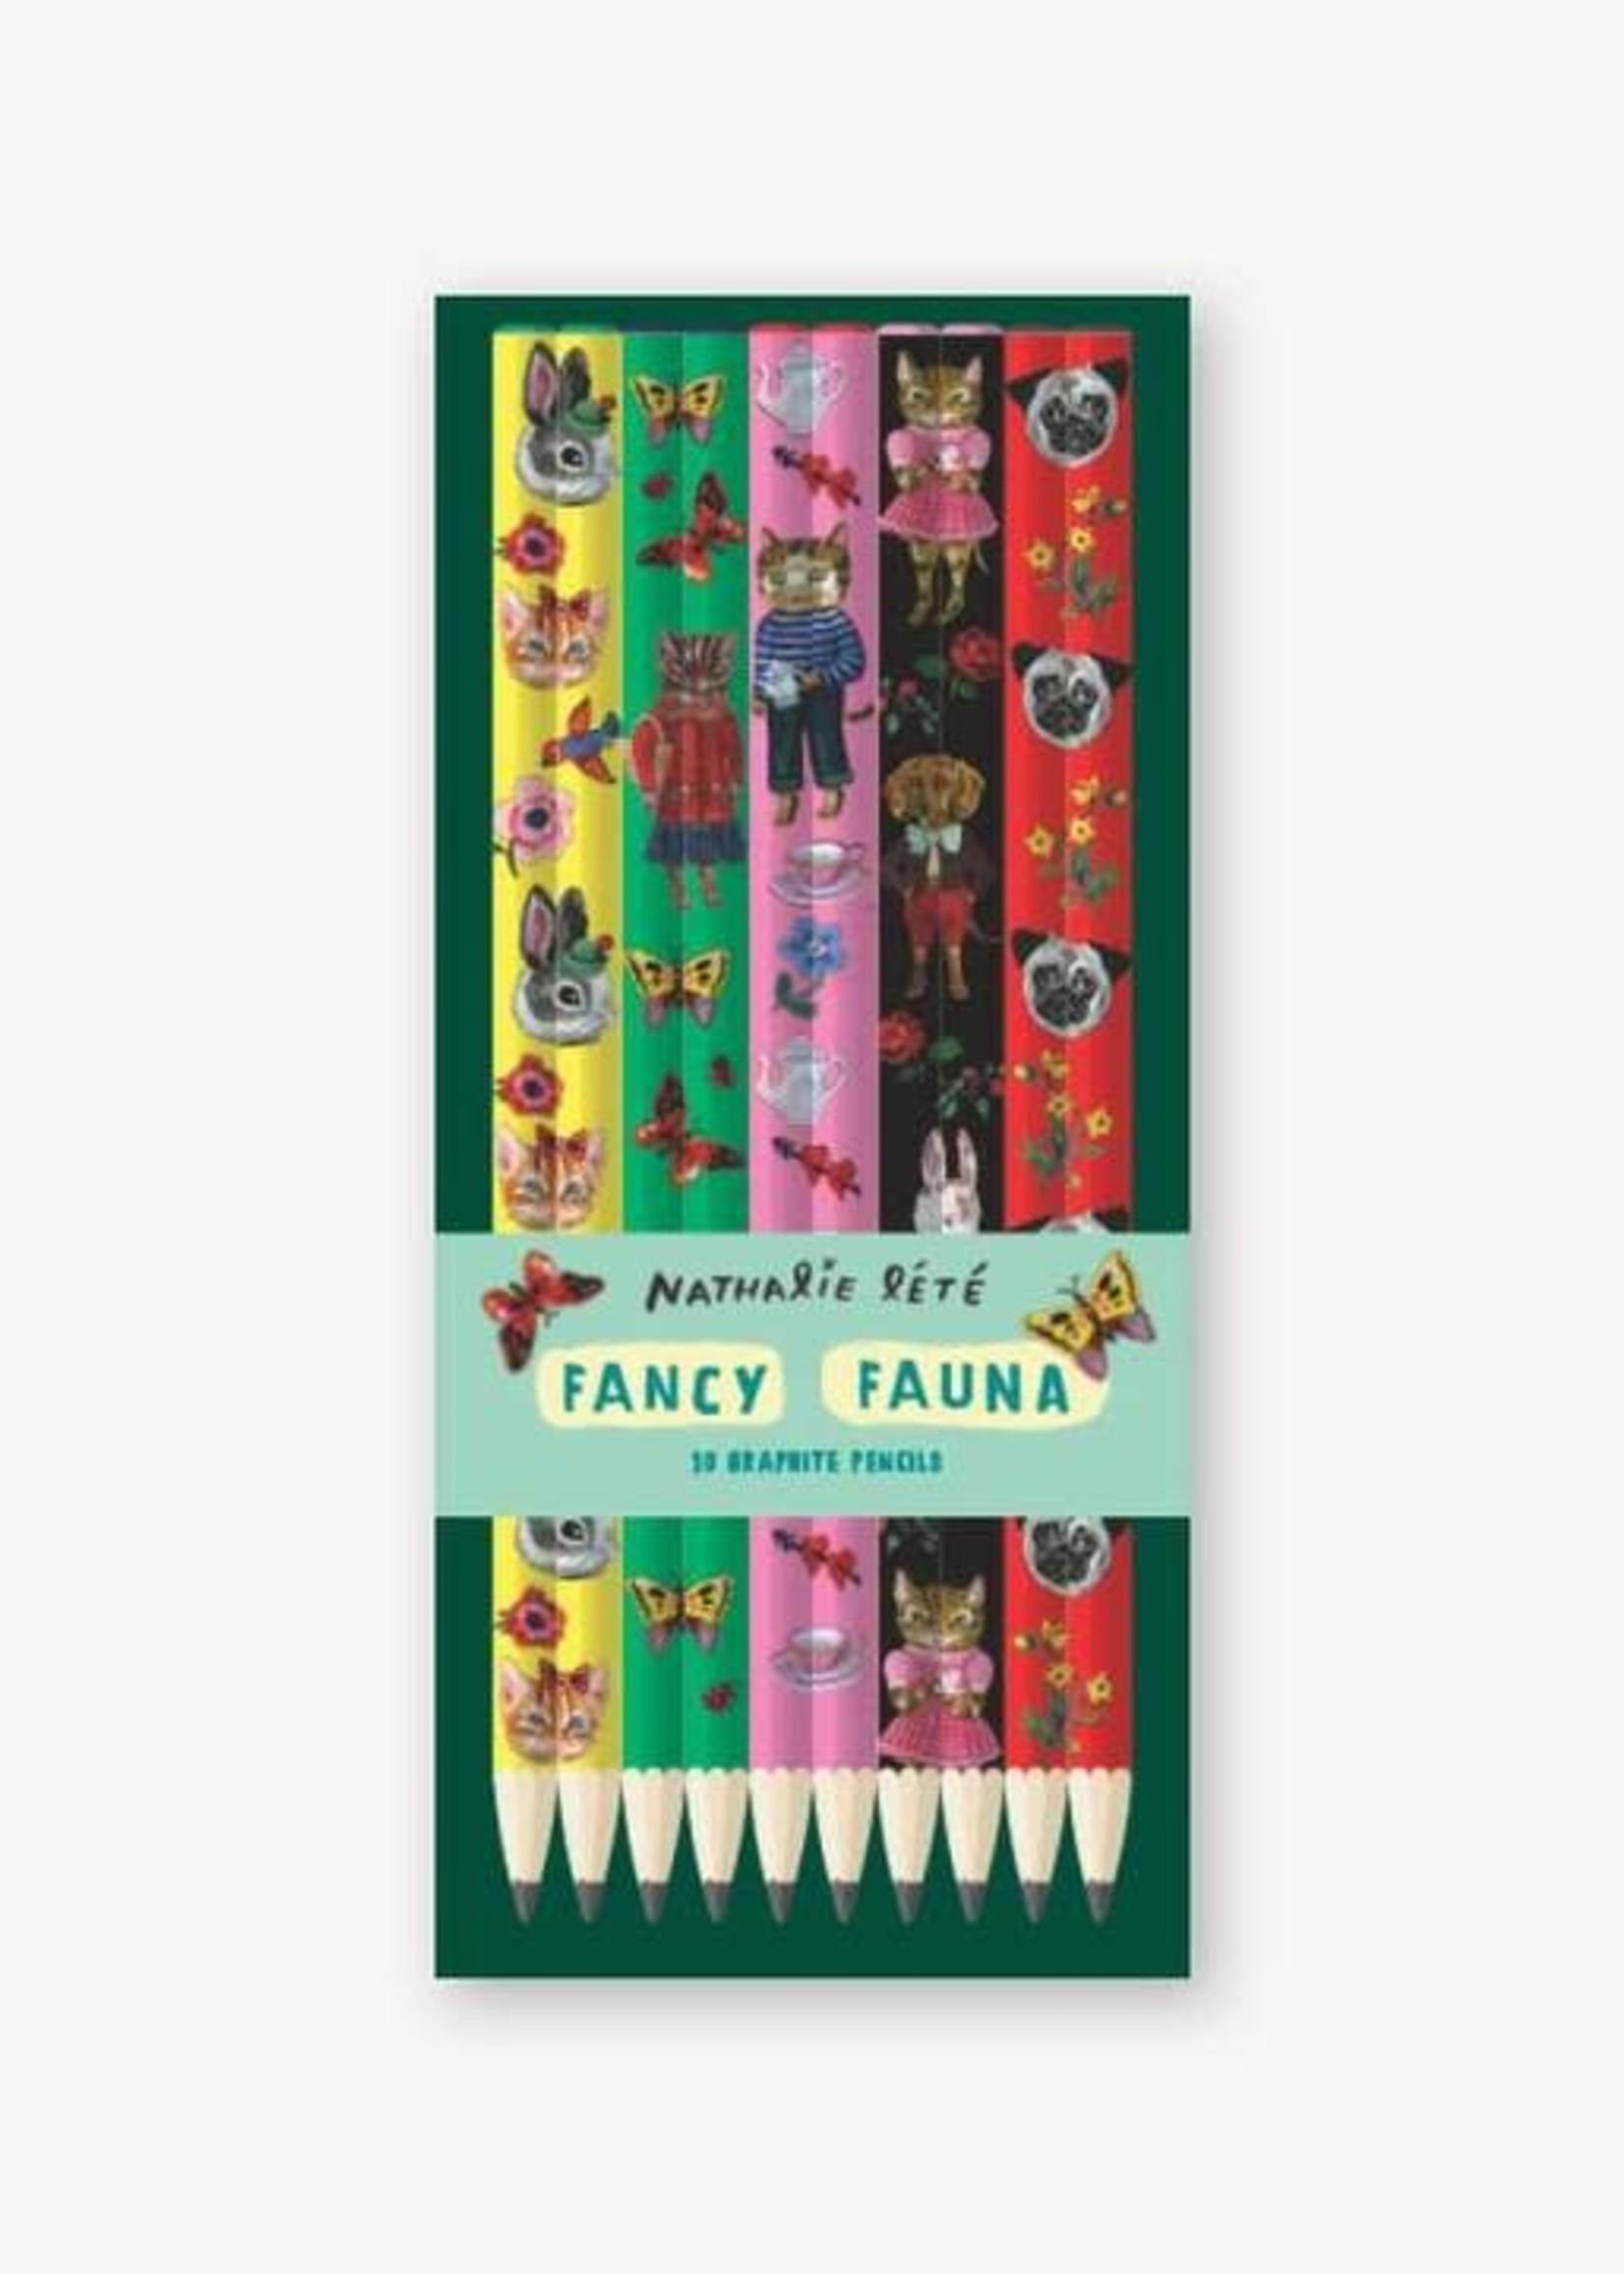 Fancy Fauna: 10 Graphite Pencils by Nathalie Lété